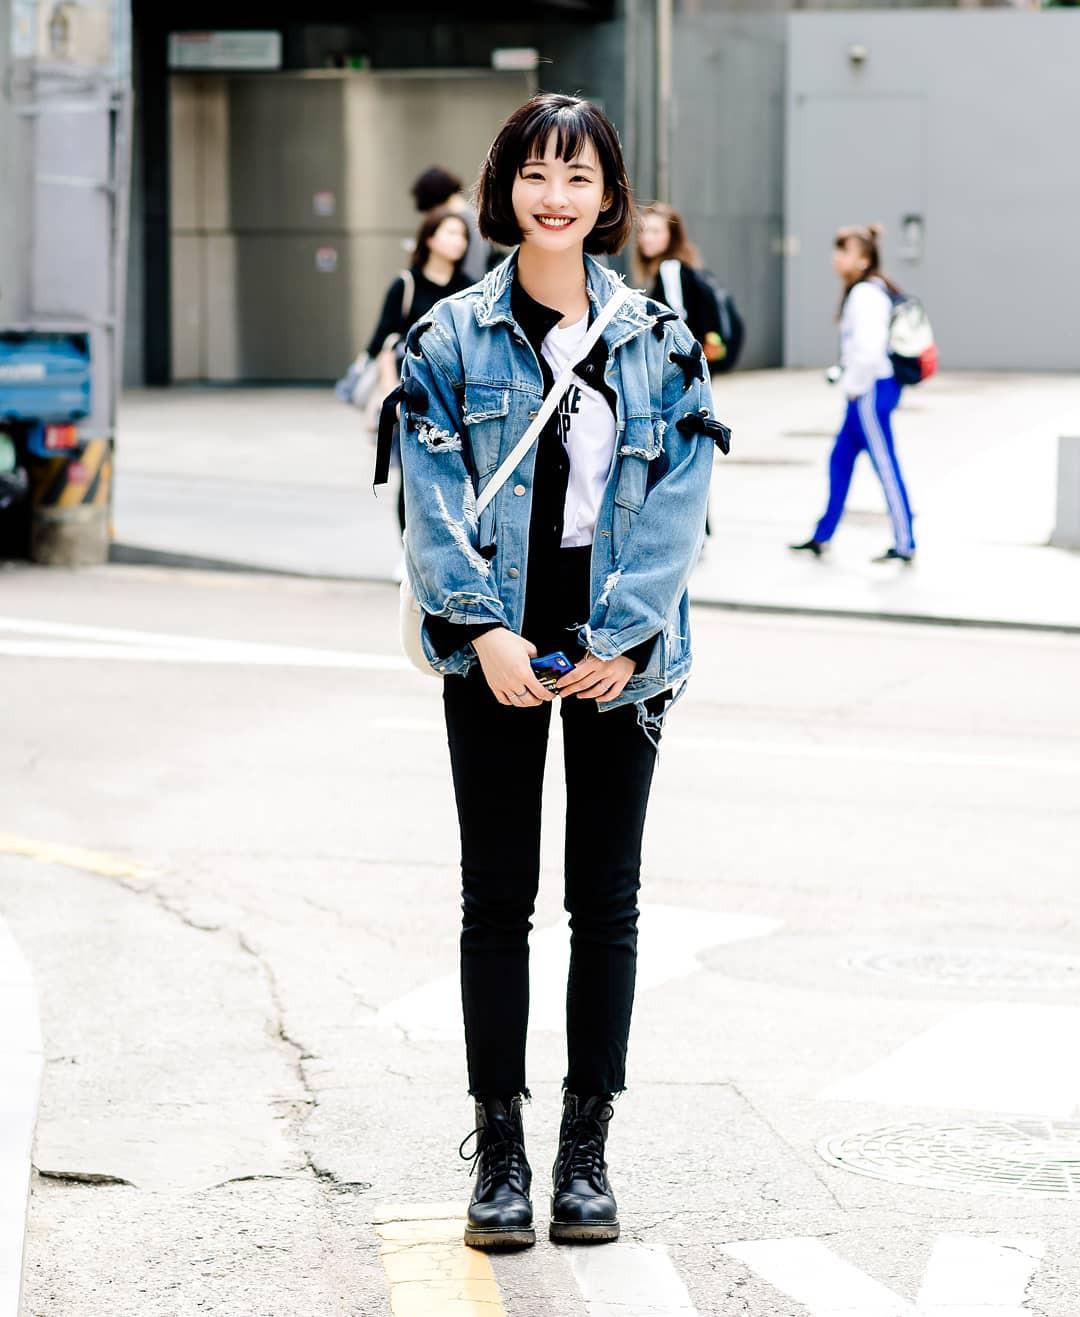 Street style của con gái Hàn tuần qua: chẳng cầu kỳ mà đẹp phát mê, ai xem xong cũng dễ crush - Ảnh 6.